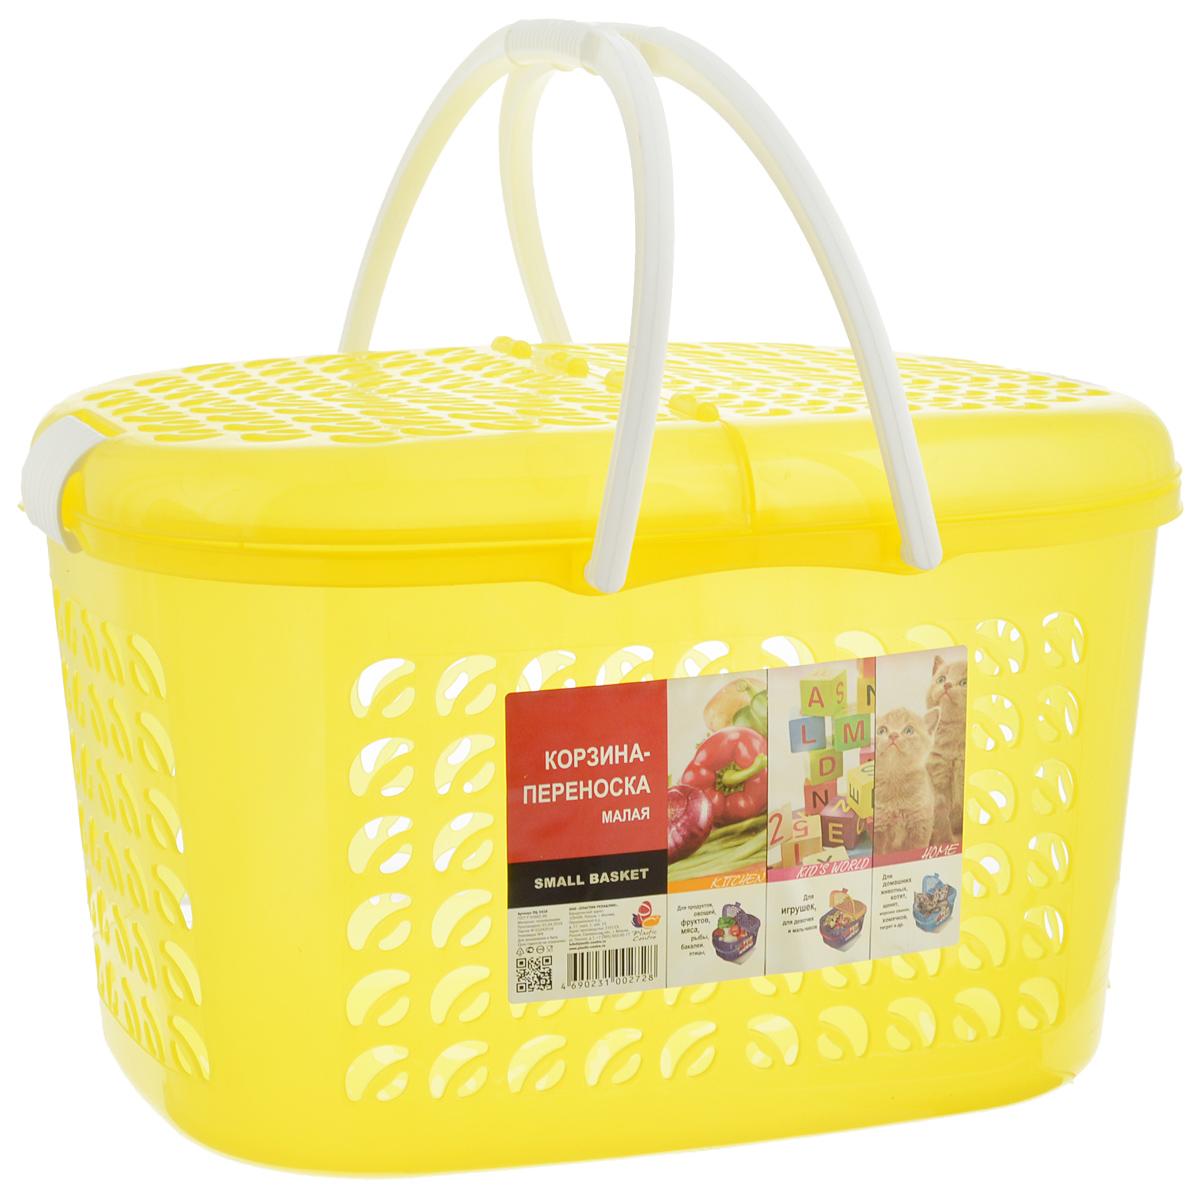 Корзина-переноска Plastic Centre, цвет: желтый, белый, 37 х 27,5 х 23 смПЦ3410ЖТПРКорзина-переноска Plastic Centre выполнена из прочного пластика. Корзина прекрасно подойдет для хранения продуктов, детских игрушек или переноски небольших домашних животных. На стенках и крышке расположены фигурные отверстия, дно сплошное. Оснащена двумя пластиковыми ручками, крышкой, открывающейся с двух сторон, и крепкими защелками. Размер корзины (с учетом крышки, без учета ручек): 37 х 27,5 х 23 см.